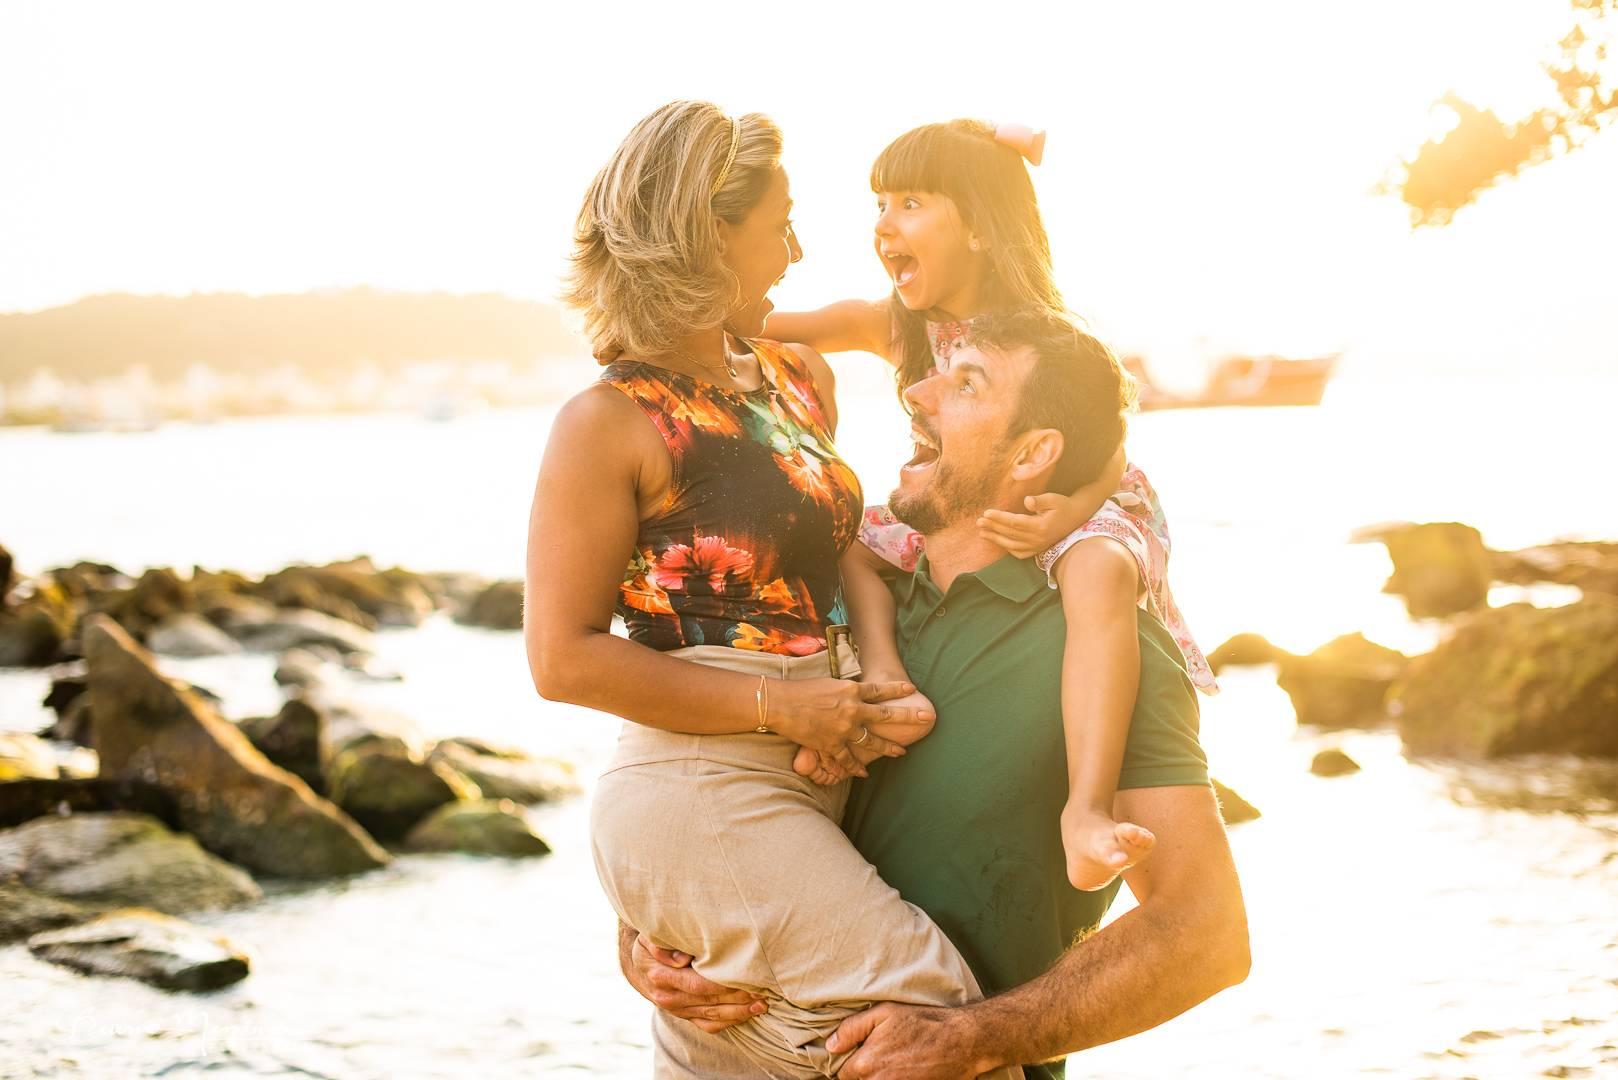 Ensaio familia em bombinhas - fotos de família em Bombinhas - fotógrafo em Bombinhas - Fotografia de familia Bombinhas